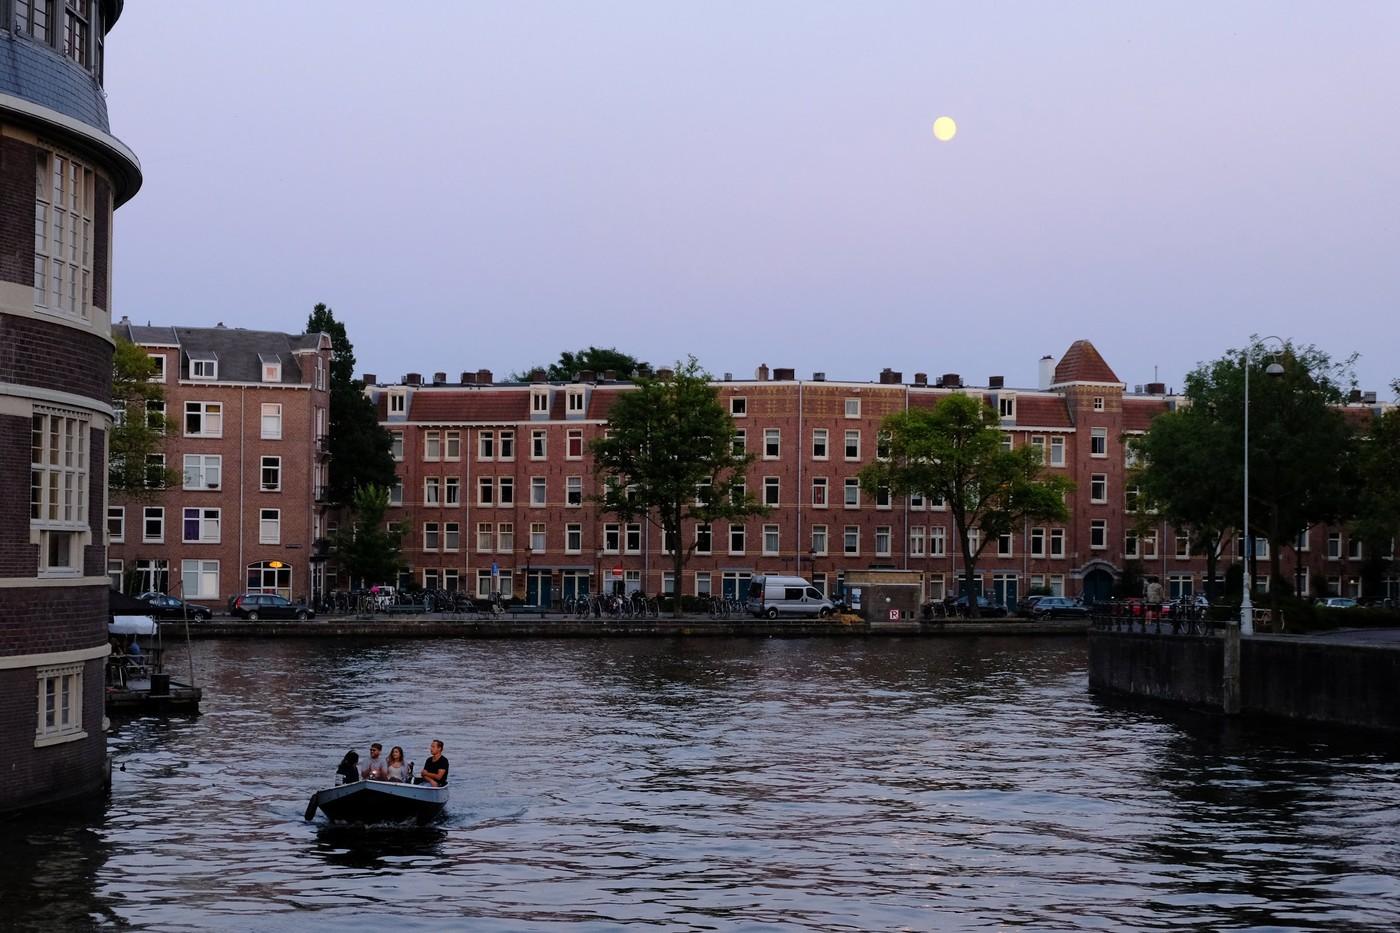 Пока, Амстердам, не в этот раз!